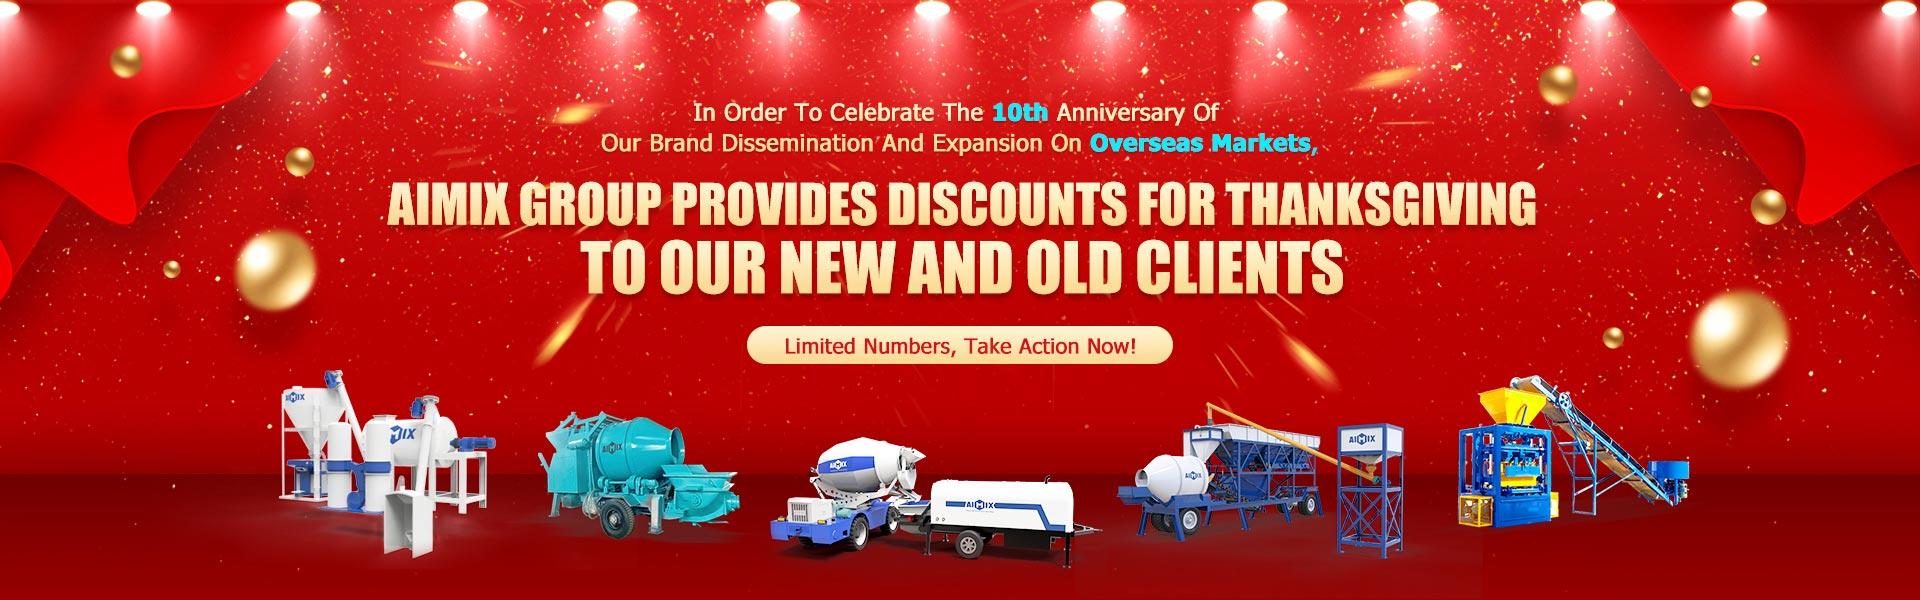 Taon End Promotion lahat ng mga produkto